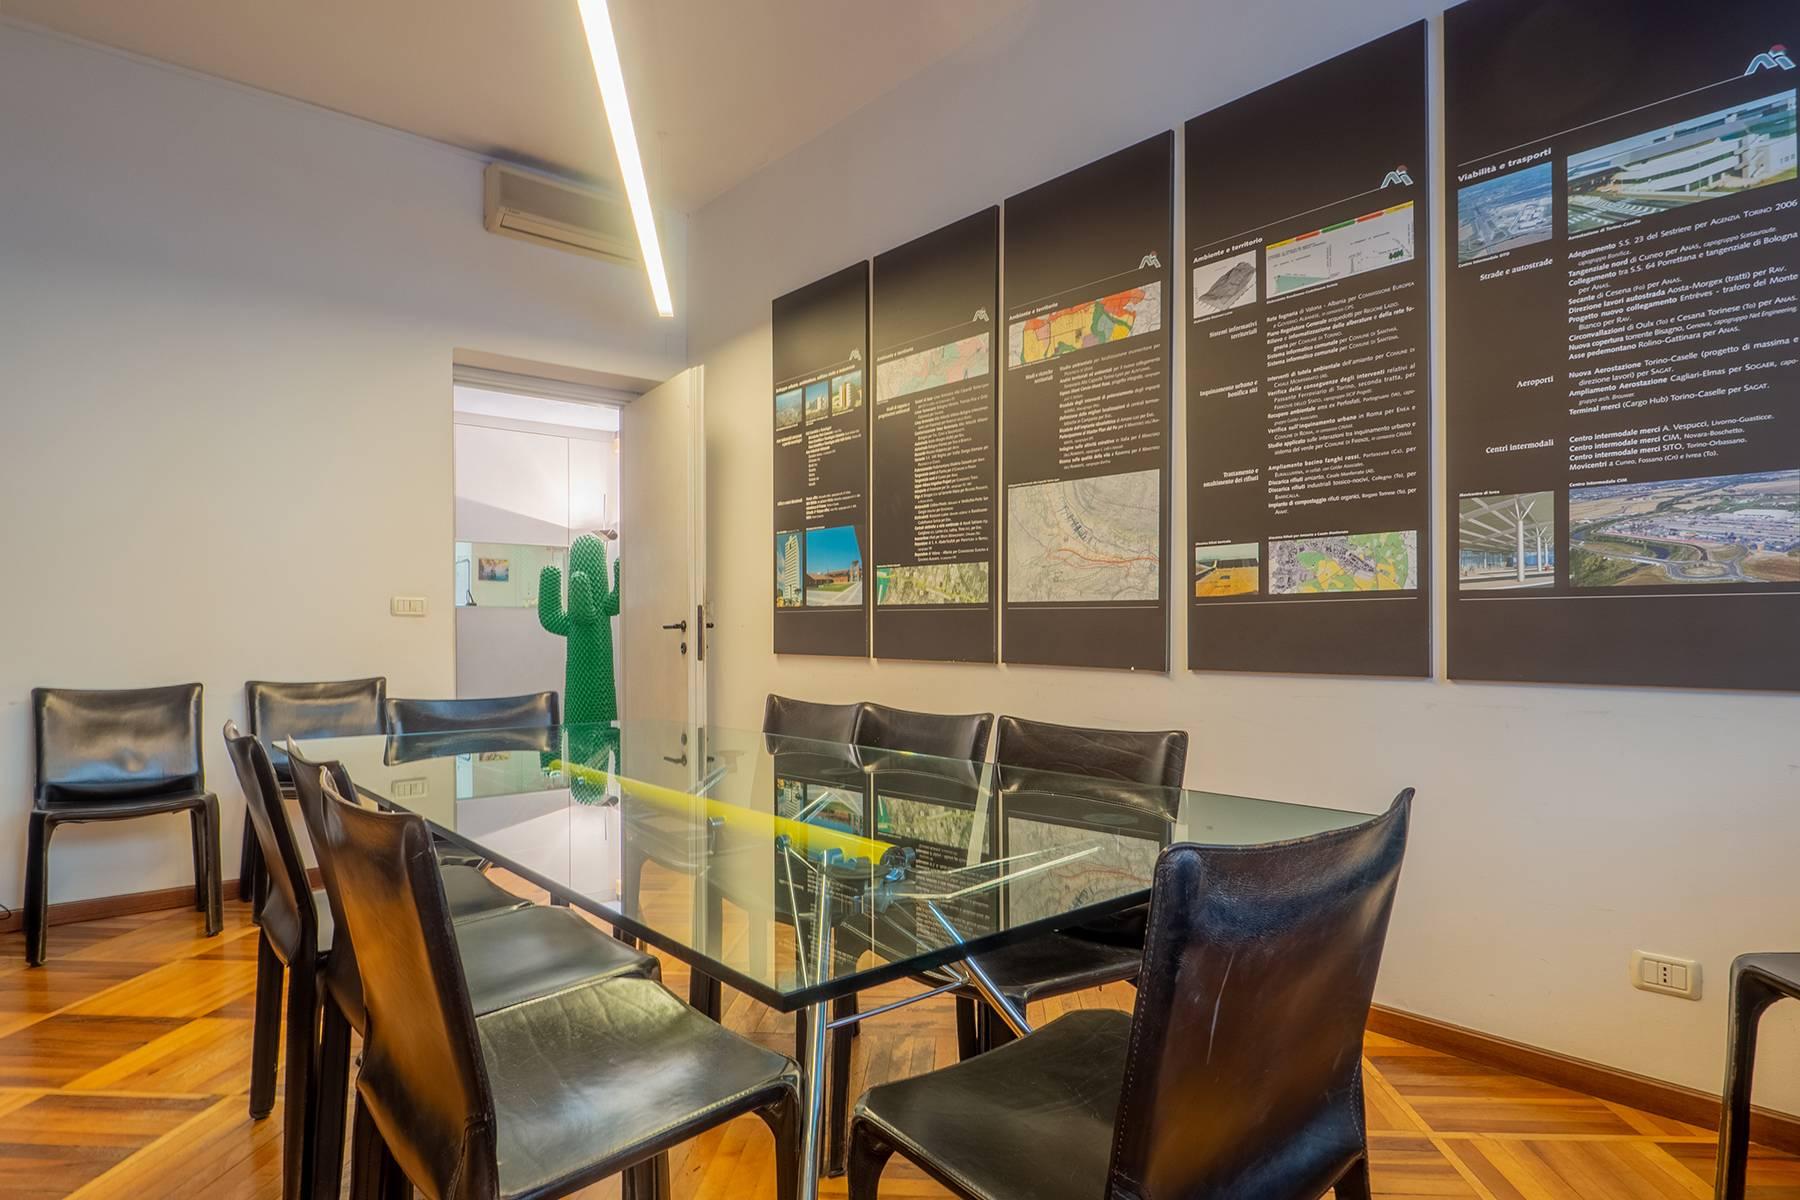 Ufficio-studio in Vendita a Torino: 4 locali, 224 mq - Foto 4